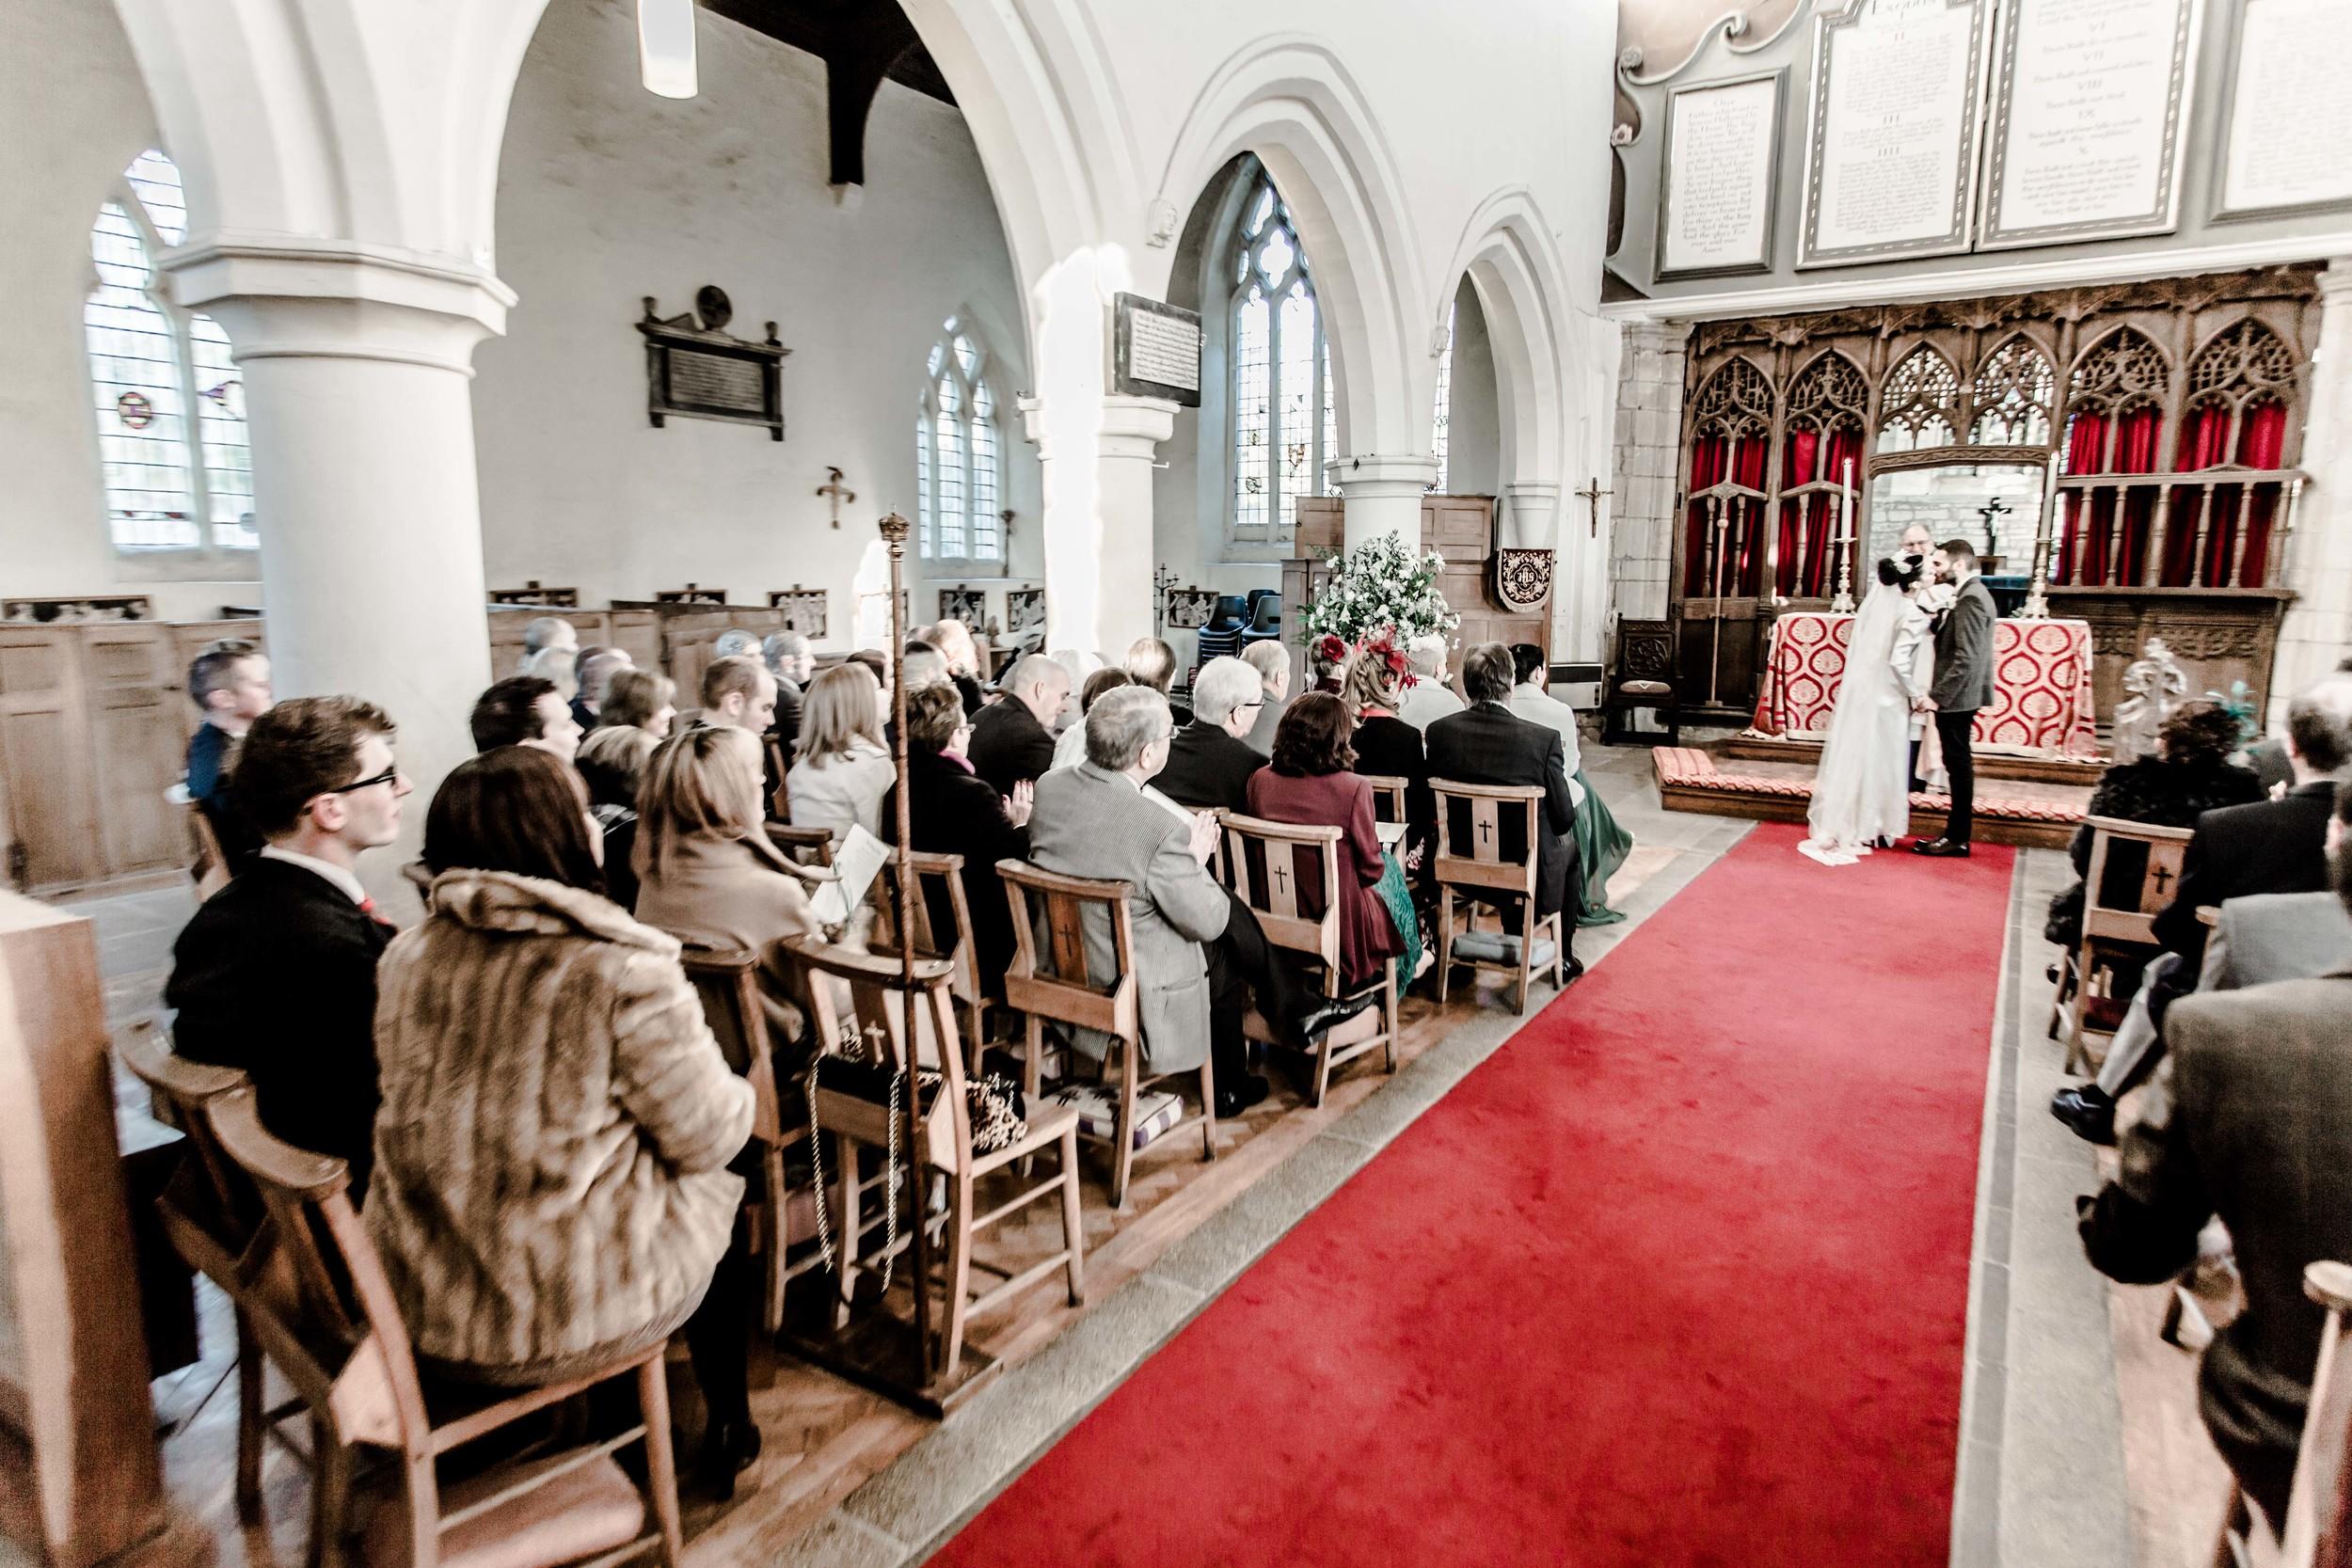 093 - Angela and Karls Wedding by www.markpugh.com -6708.jpg